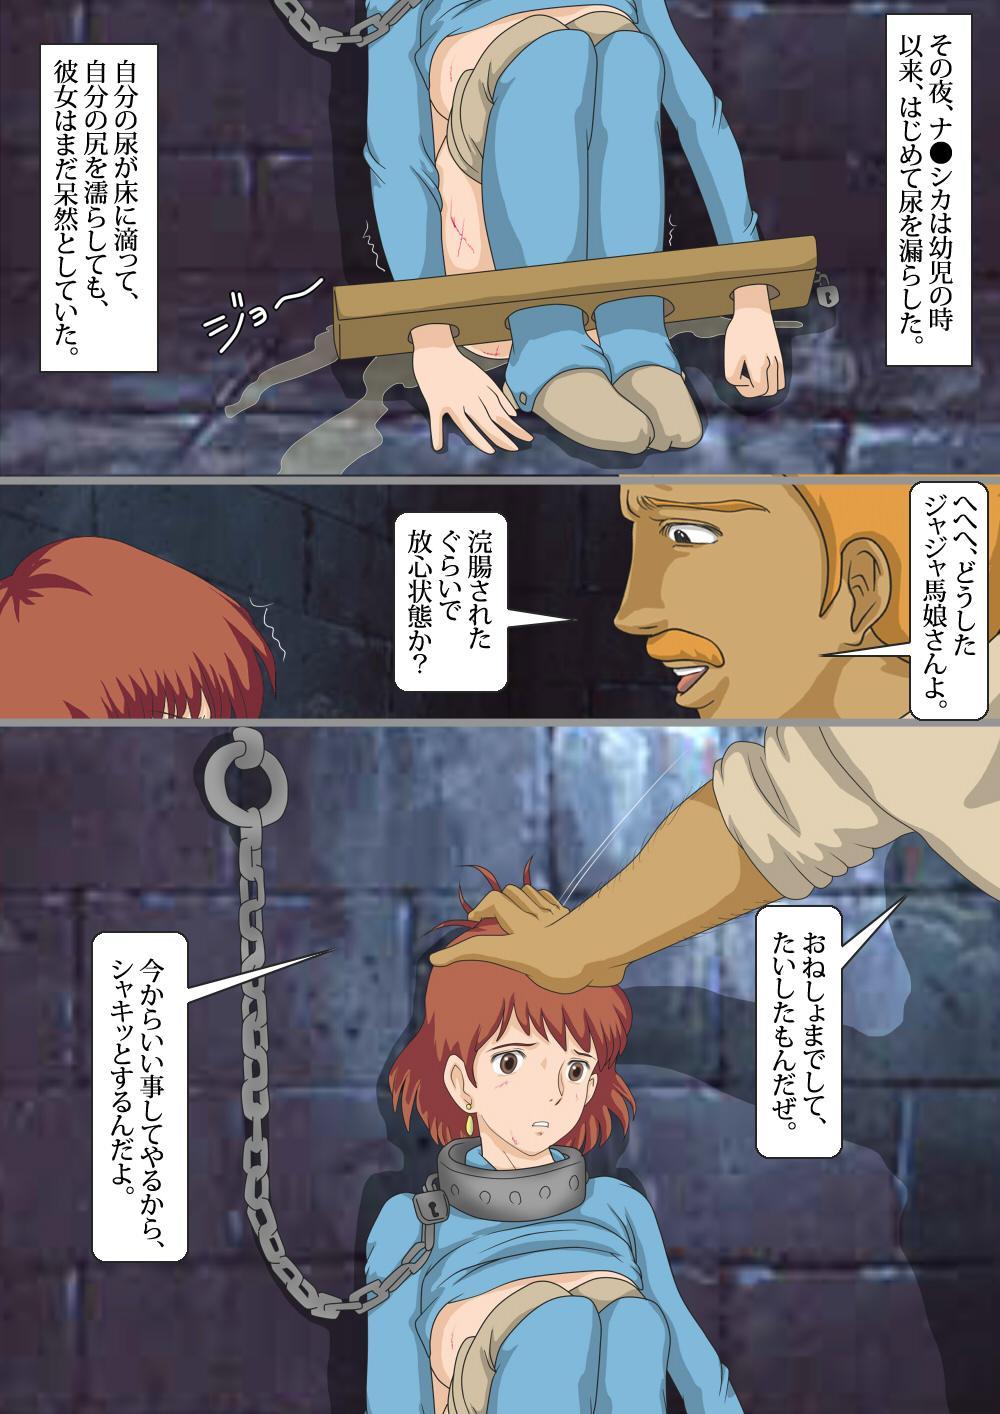 Kaze no Tani no Chikarou 16